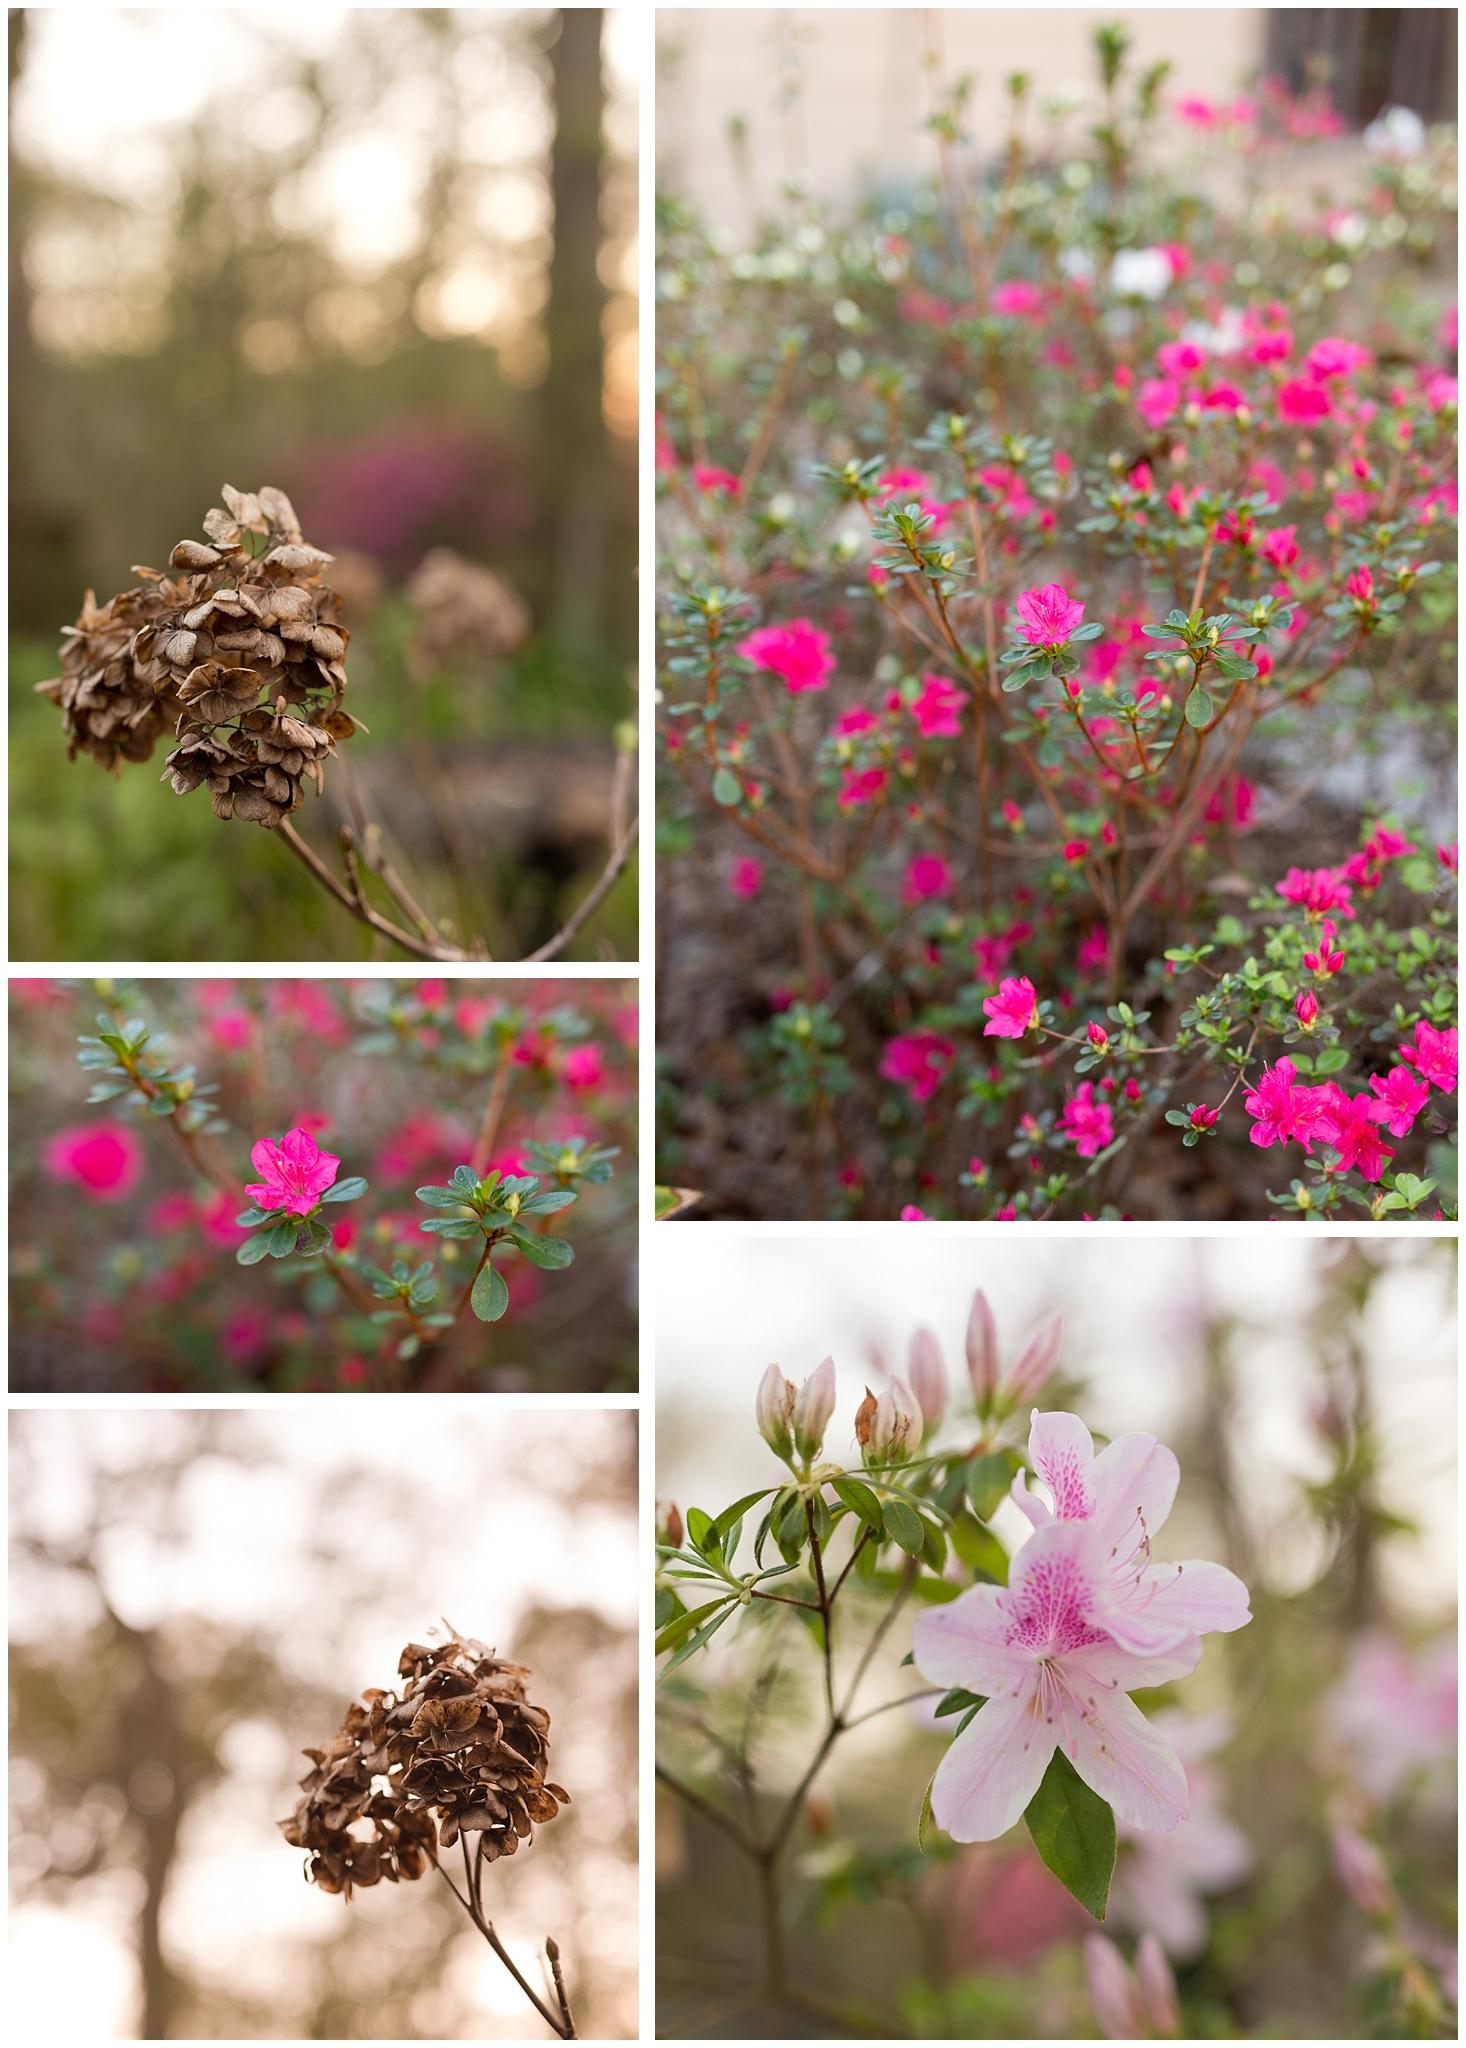 March flowers in Ocean Springs, Mississippi (azaleas and dead hydrangeas)